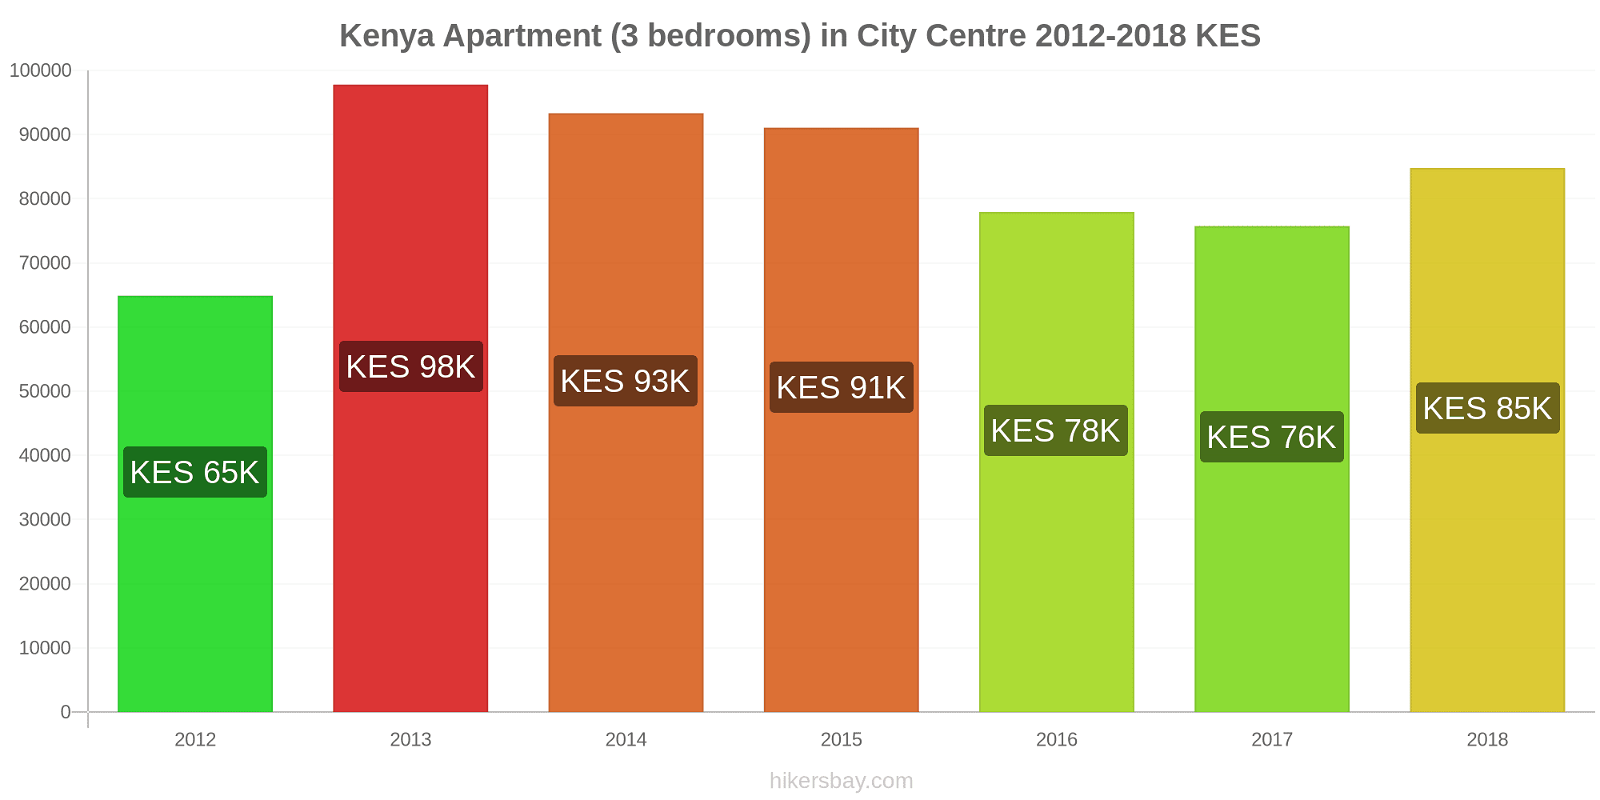 Kenya price changes Apartment (3 bedrooms) in City Centre hikersbay.com